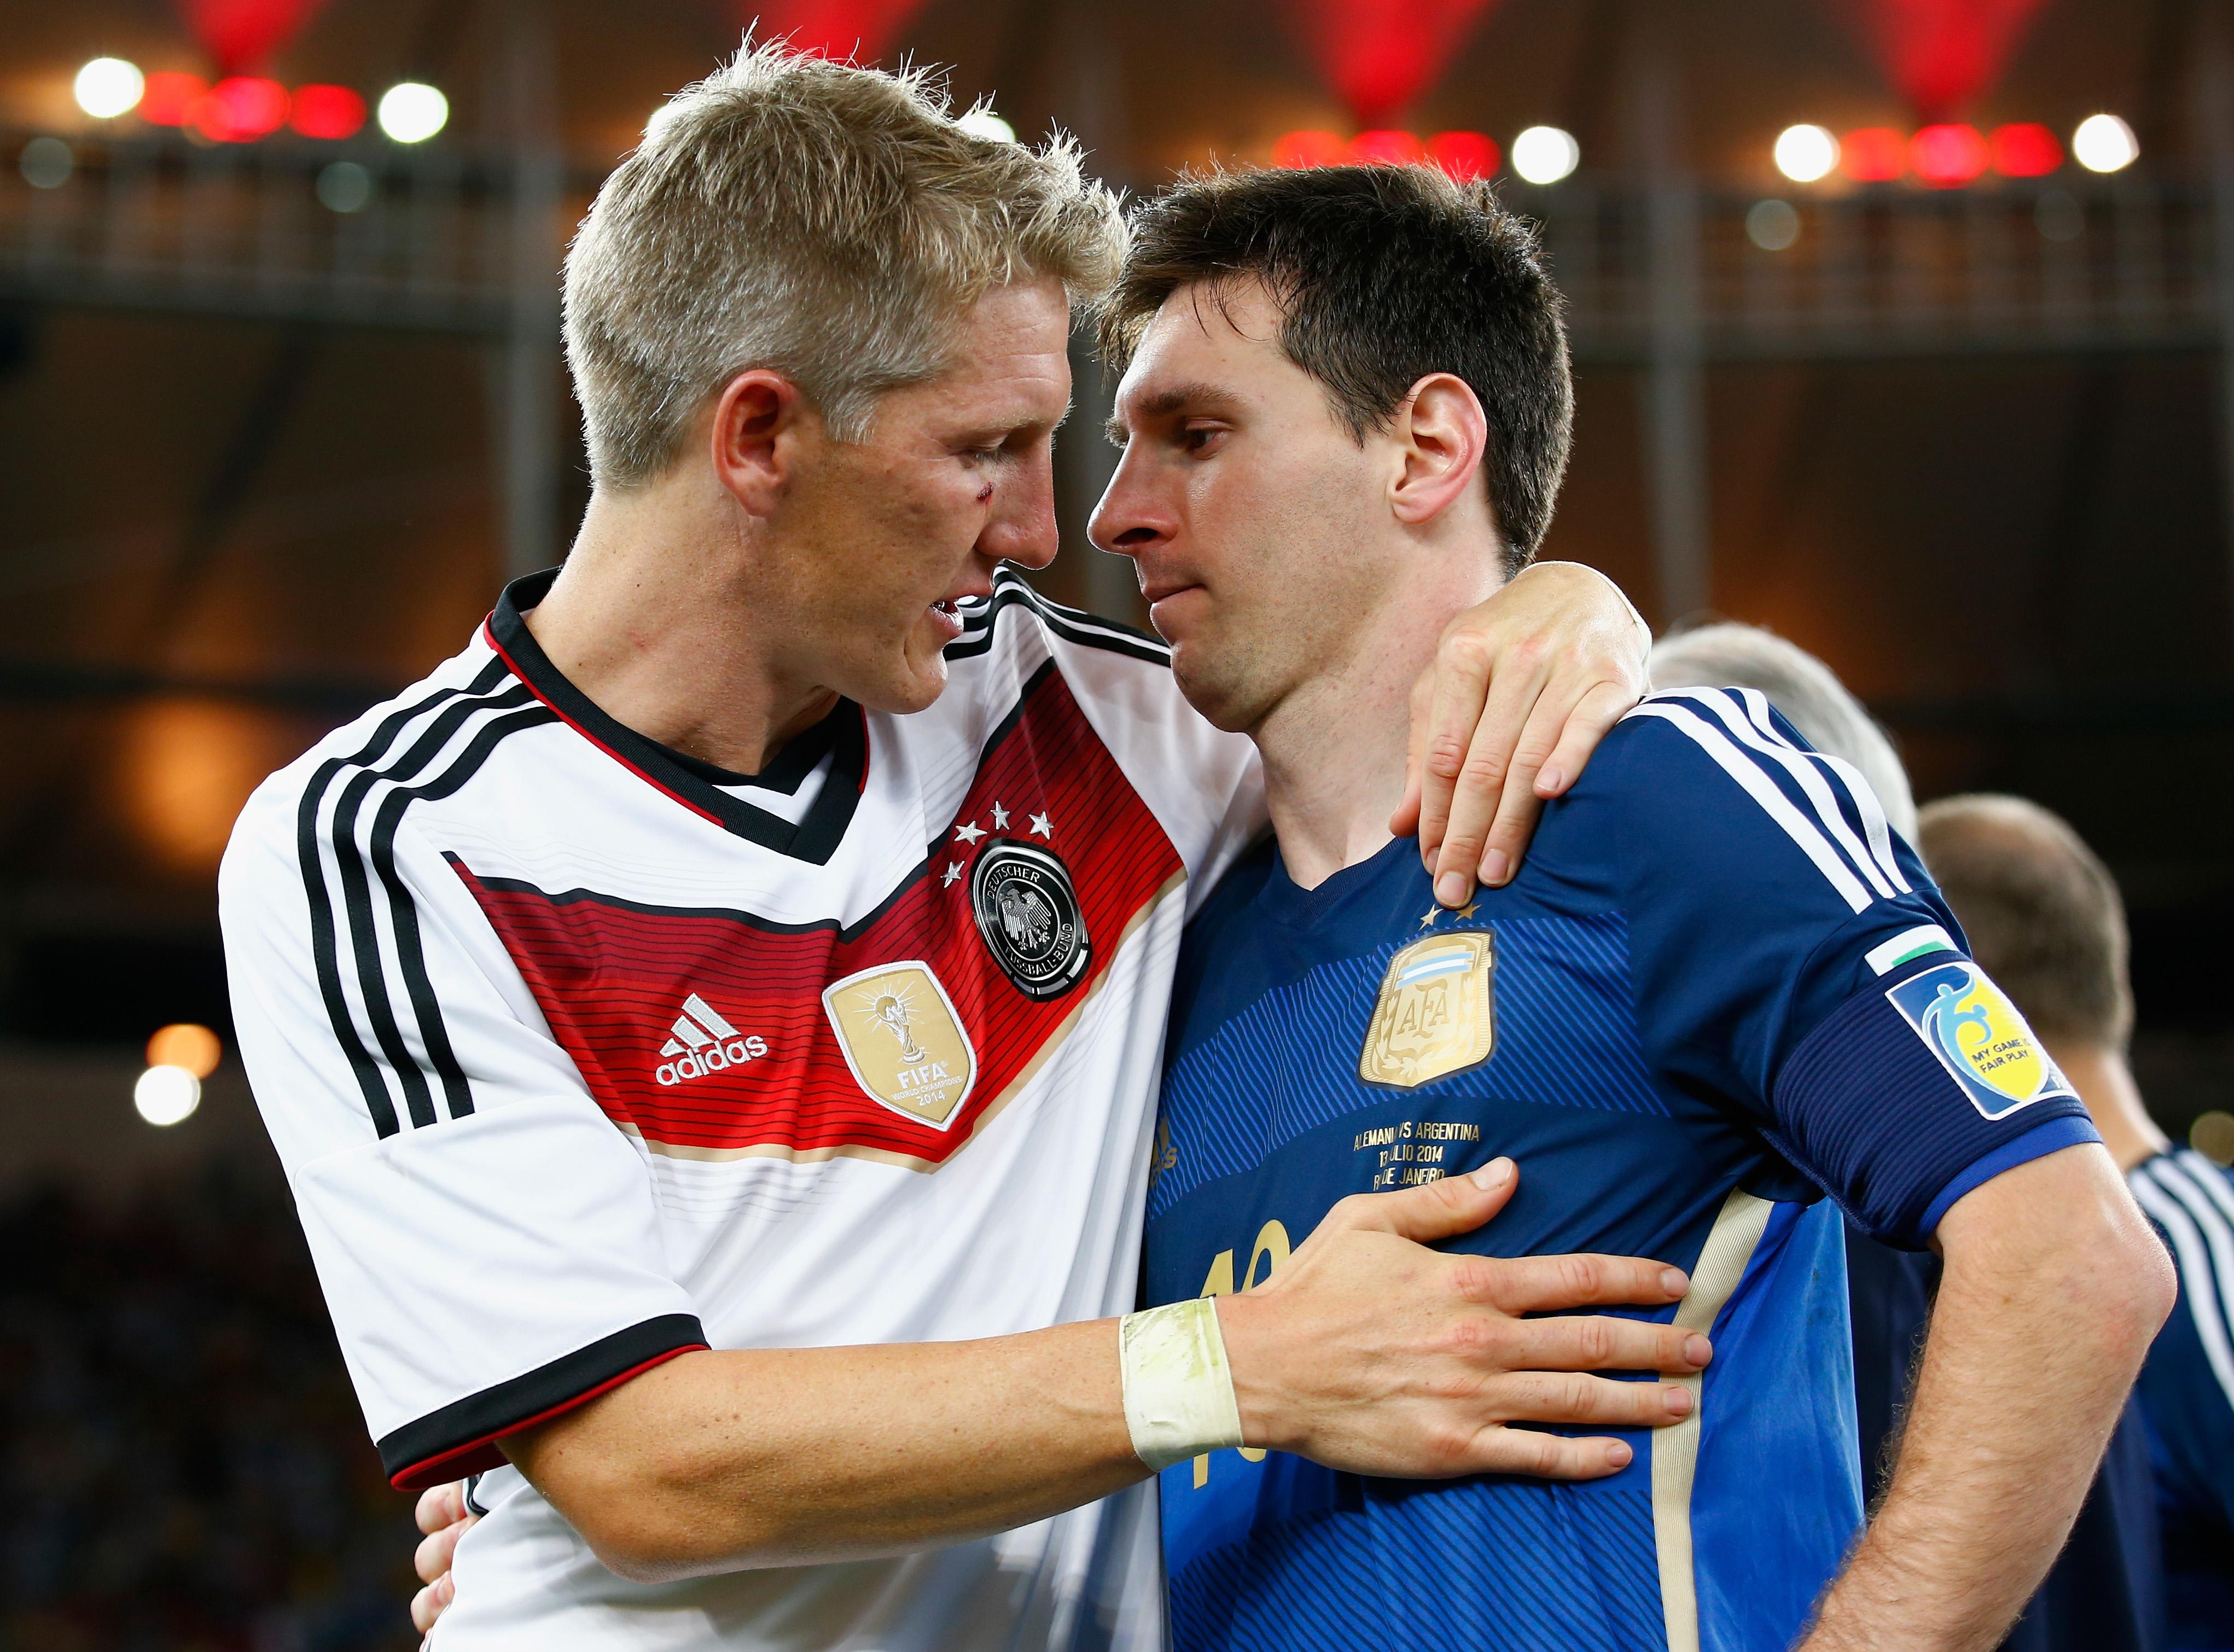 Foto: Bastian Schweinsteiger tröstet Lionel Messi nach dem Sieg Deutschlands gegen Argentinien beim WM 2014-Finale